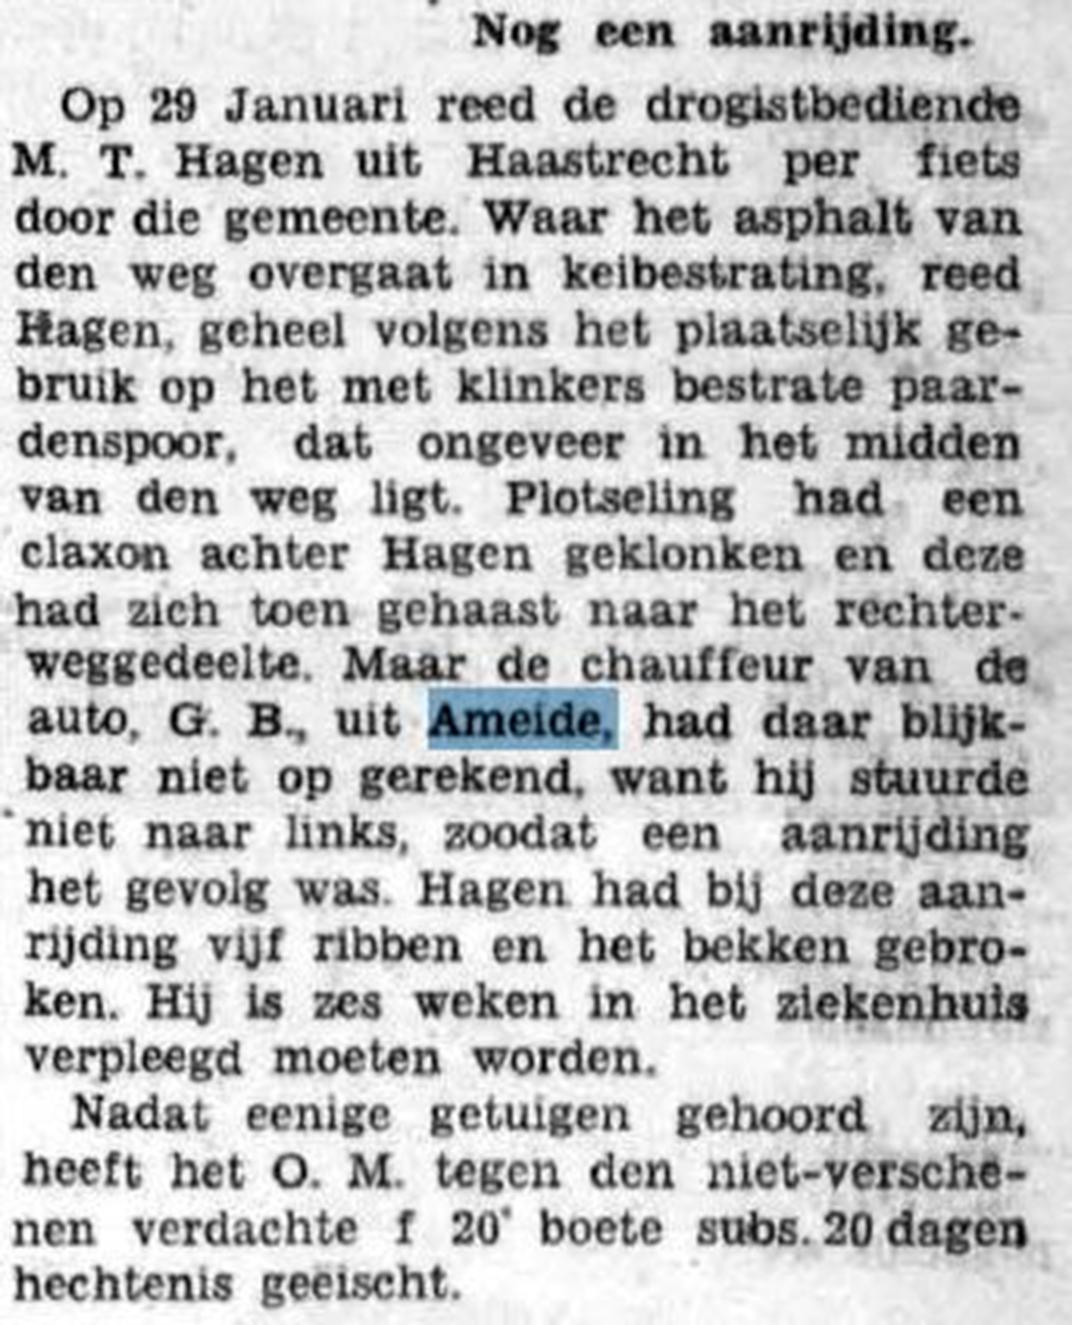 Schoonhovensche Courant 06793 1937-04-07 artikel 04